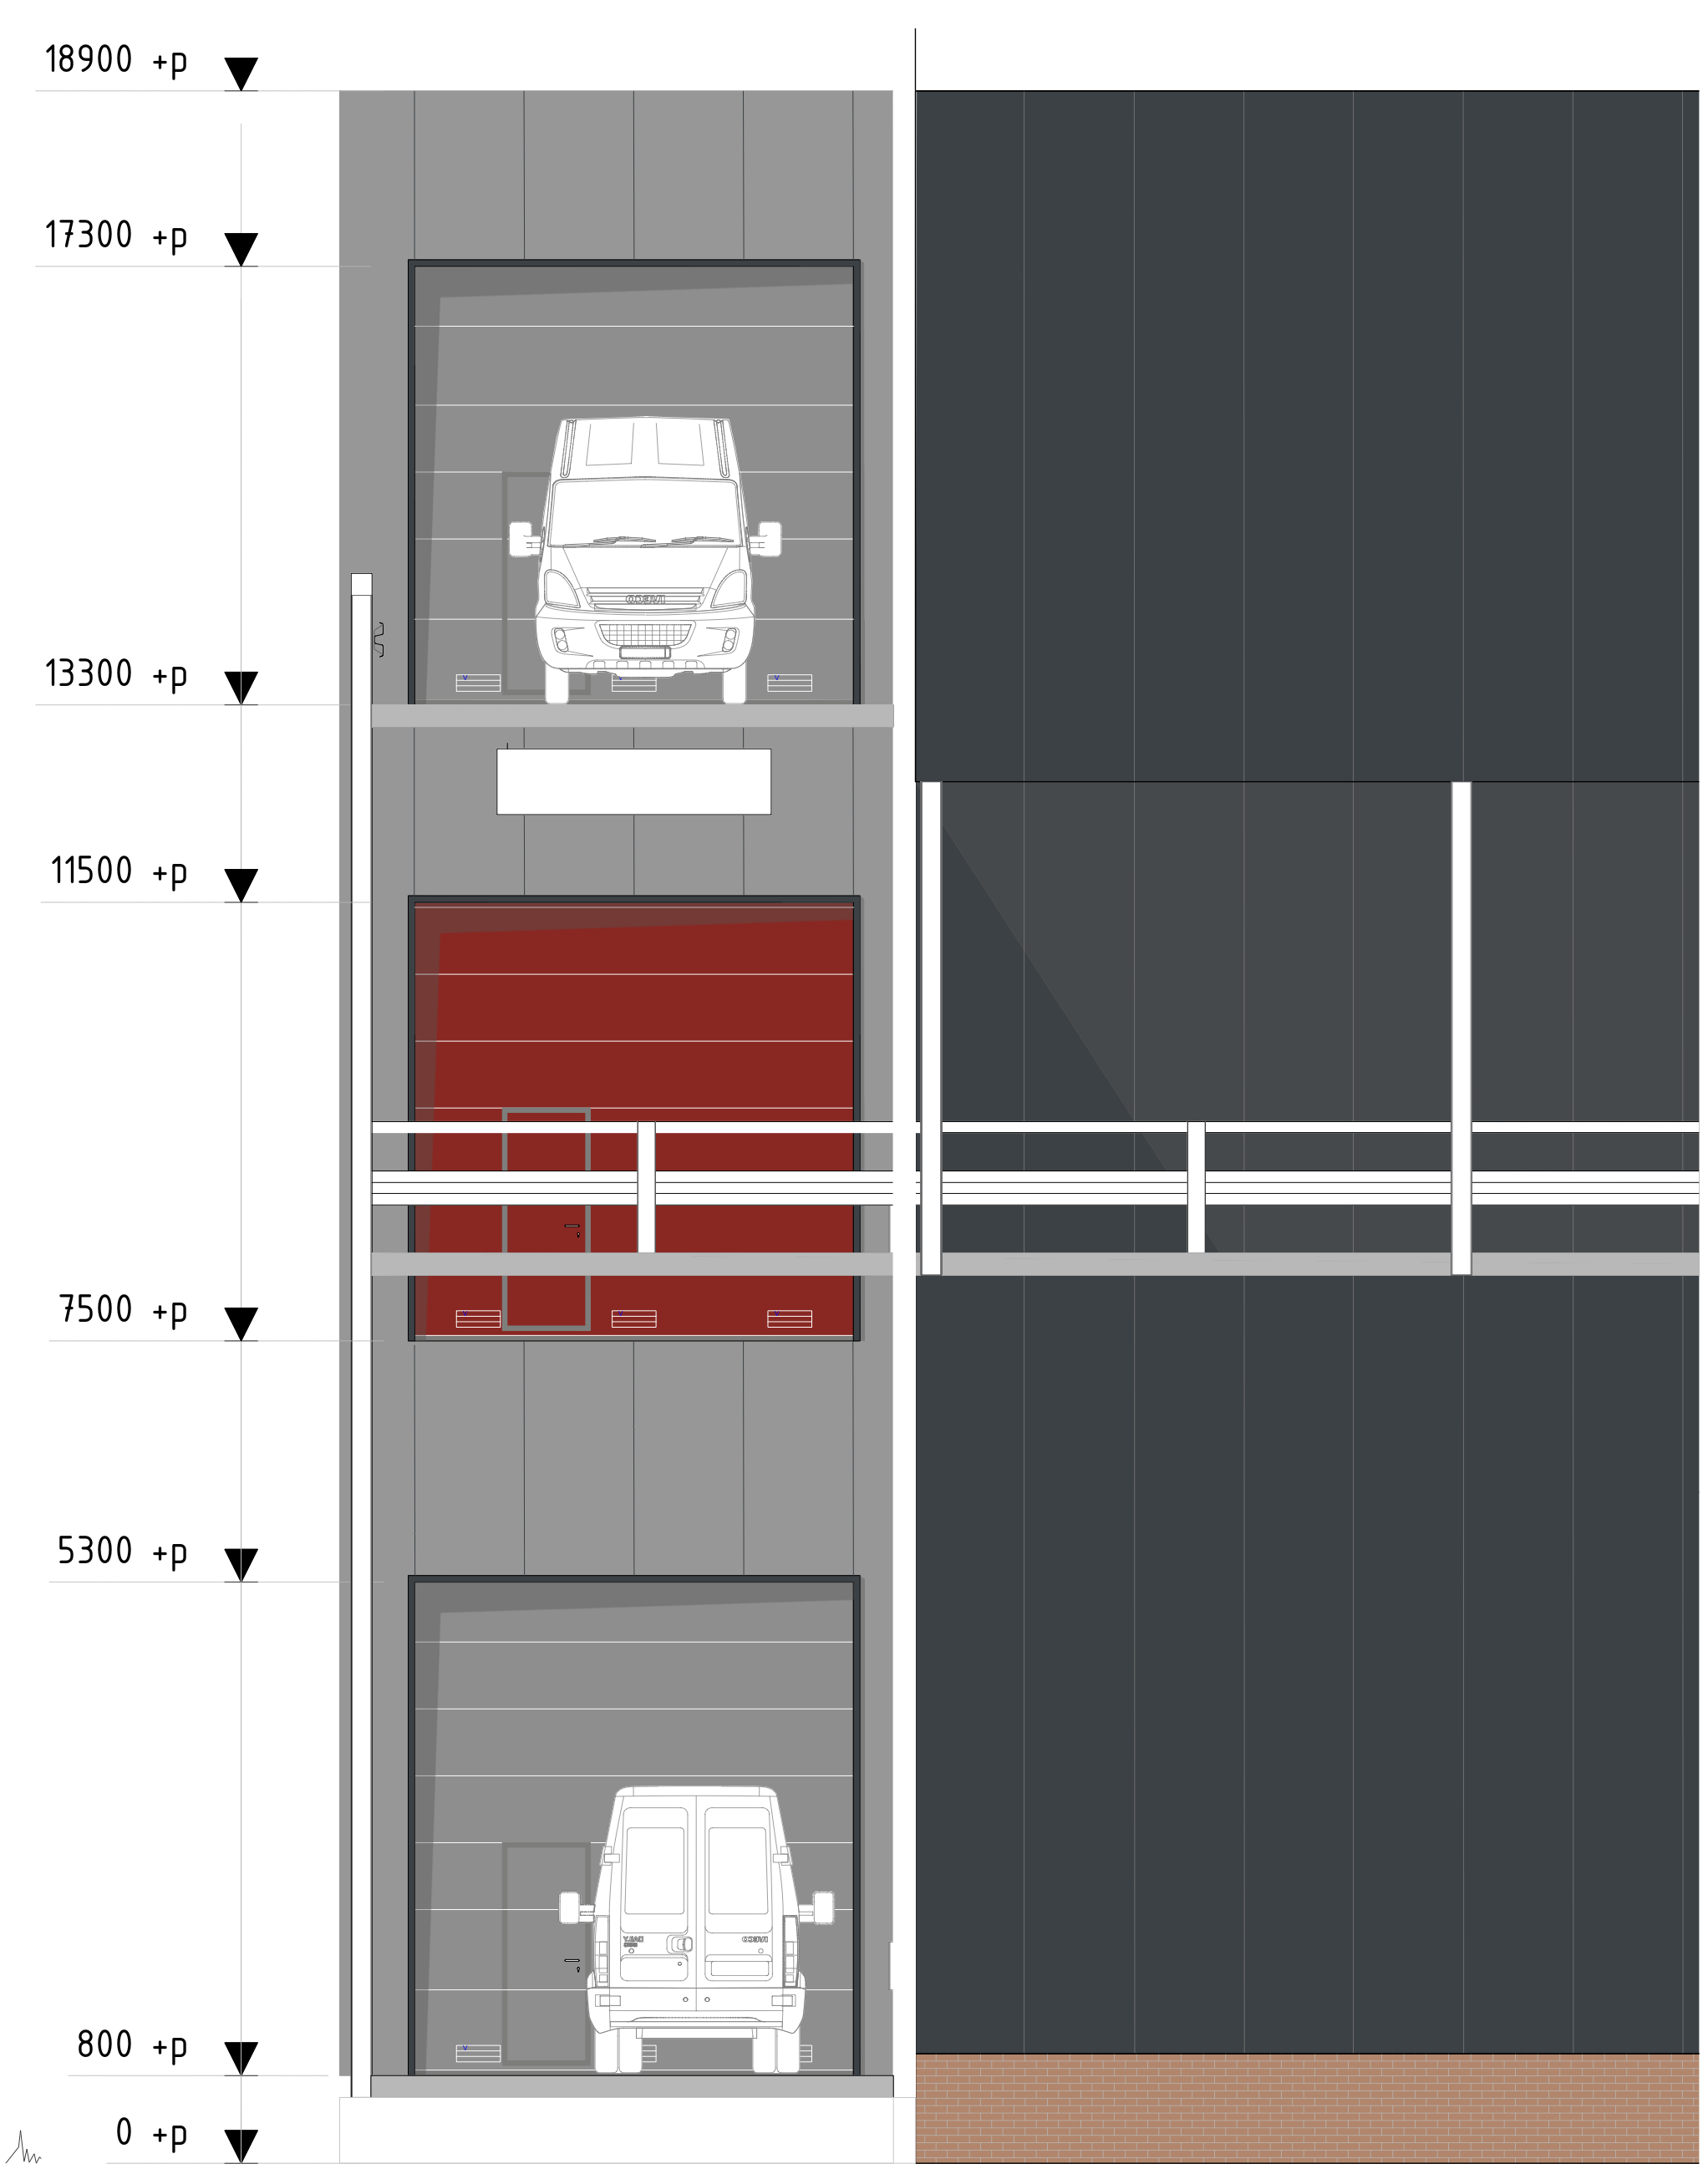 5916 Boxx Velsen Noord BK VII Camper hellingbaan 3 1